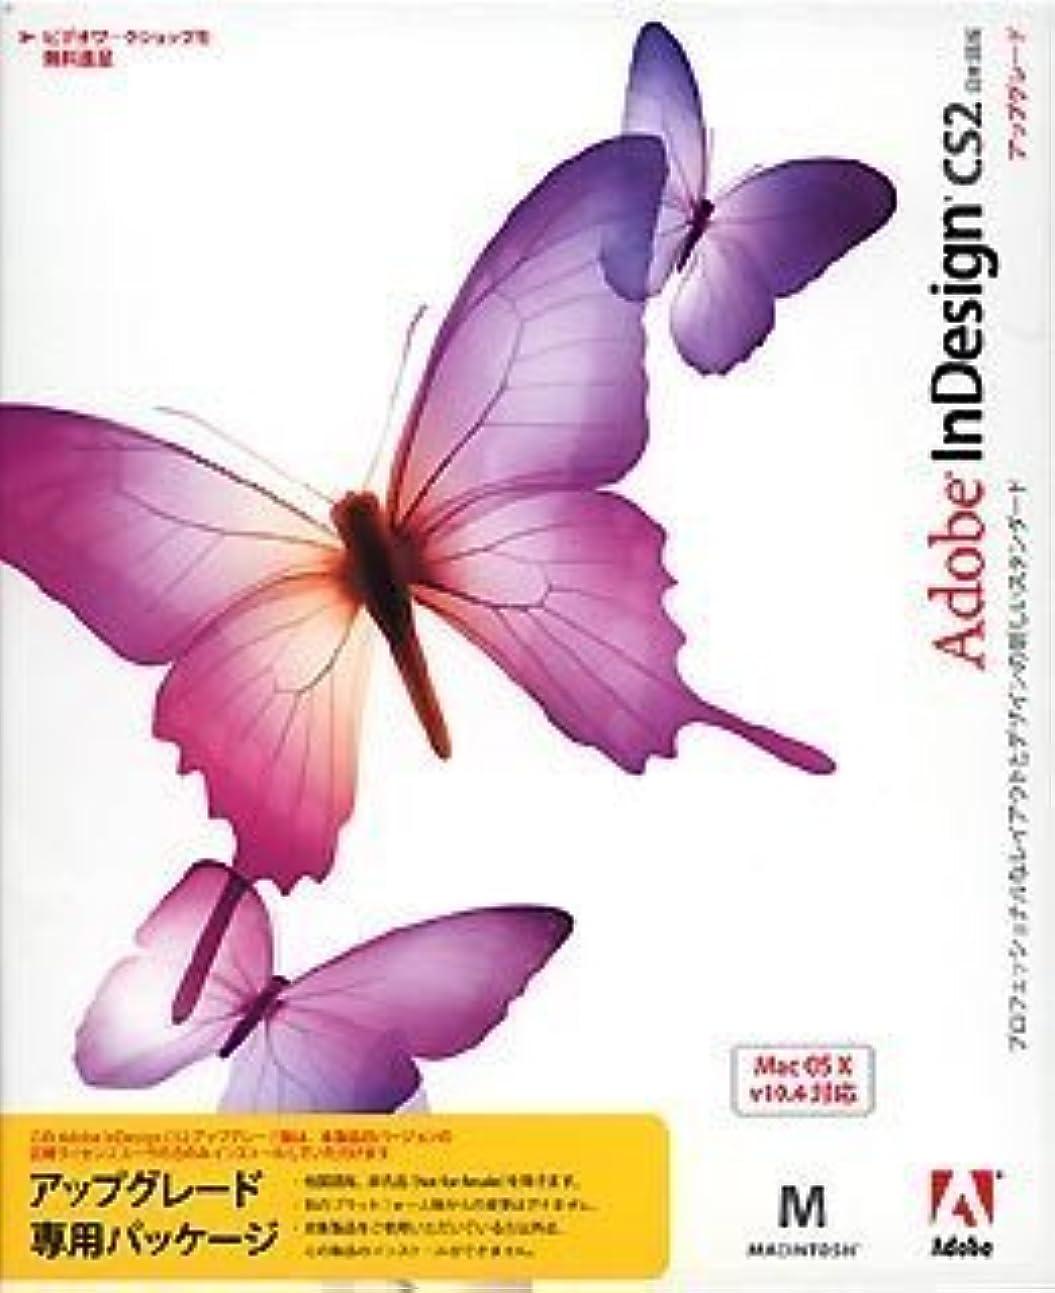 ハウジング繁栄新年Adobe InDesign CS2.0 日本語版 Macintosh版 アップグレード版 (旧製品)